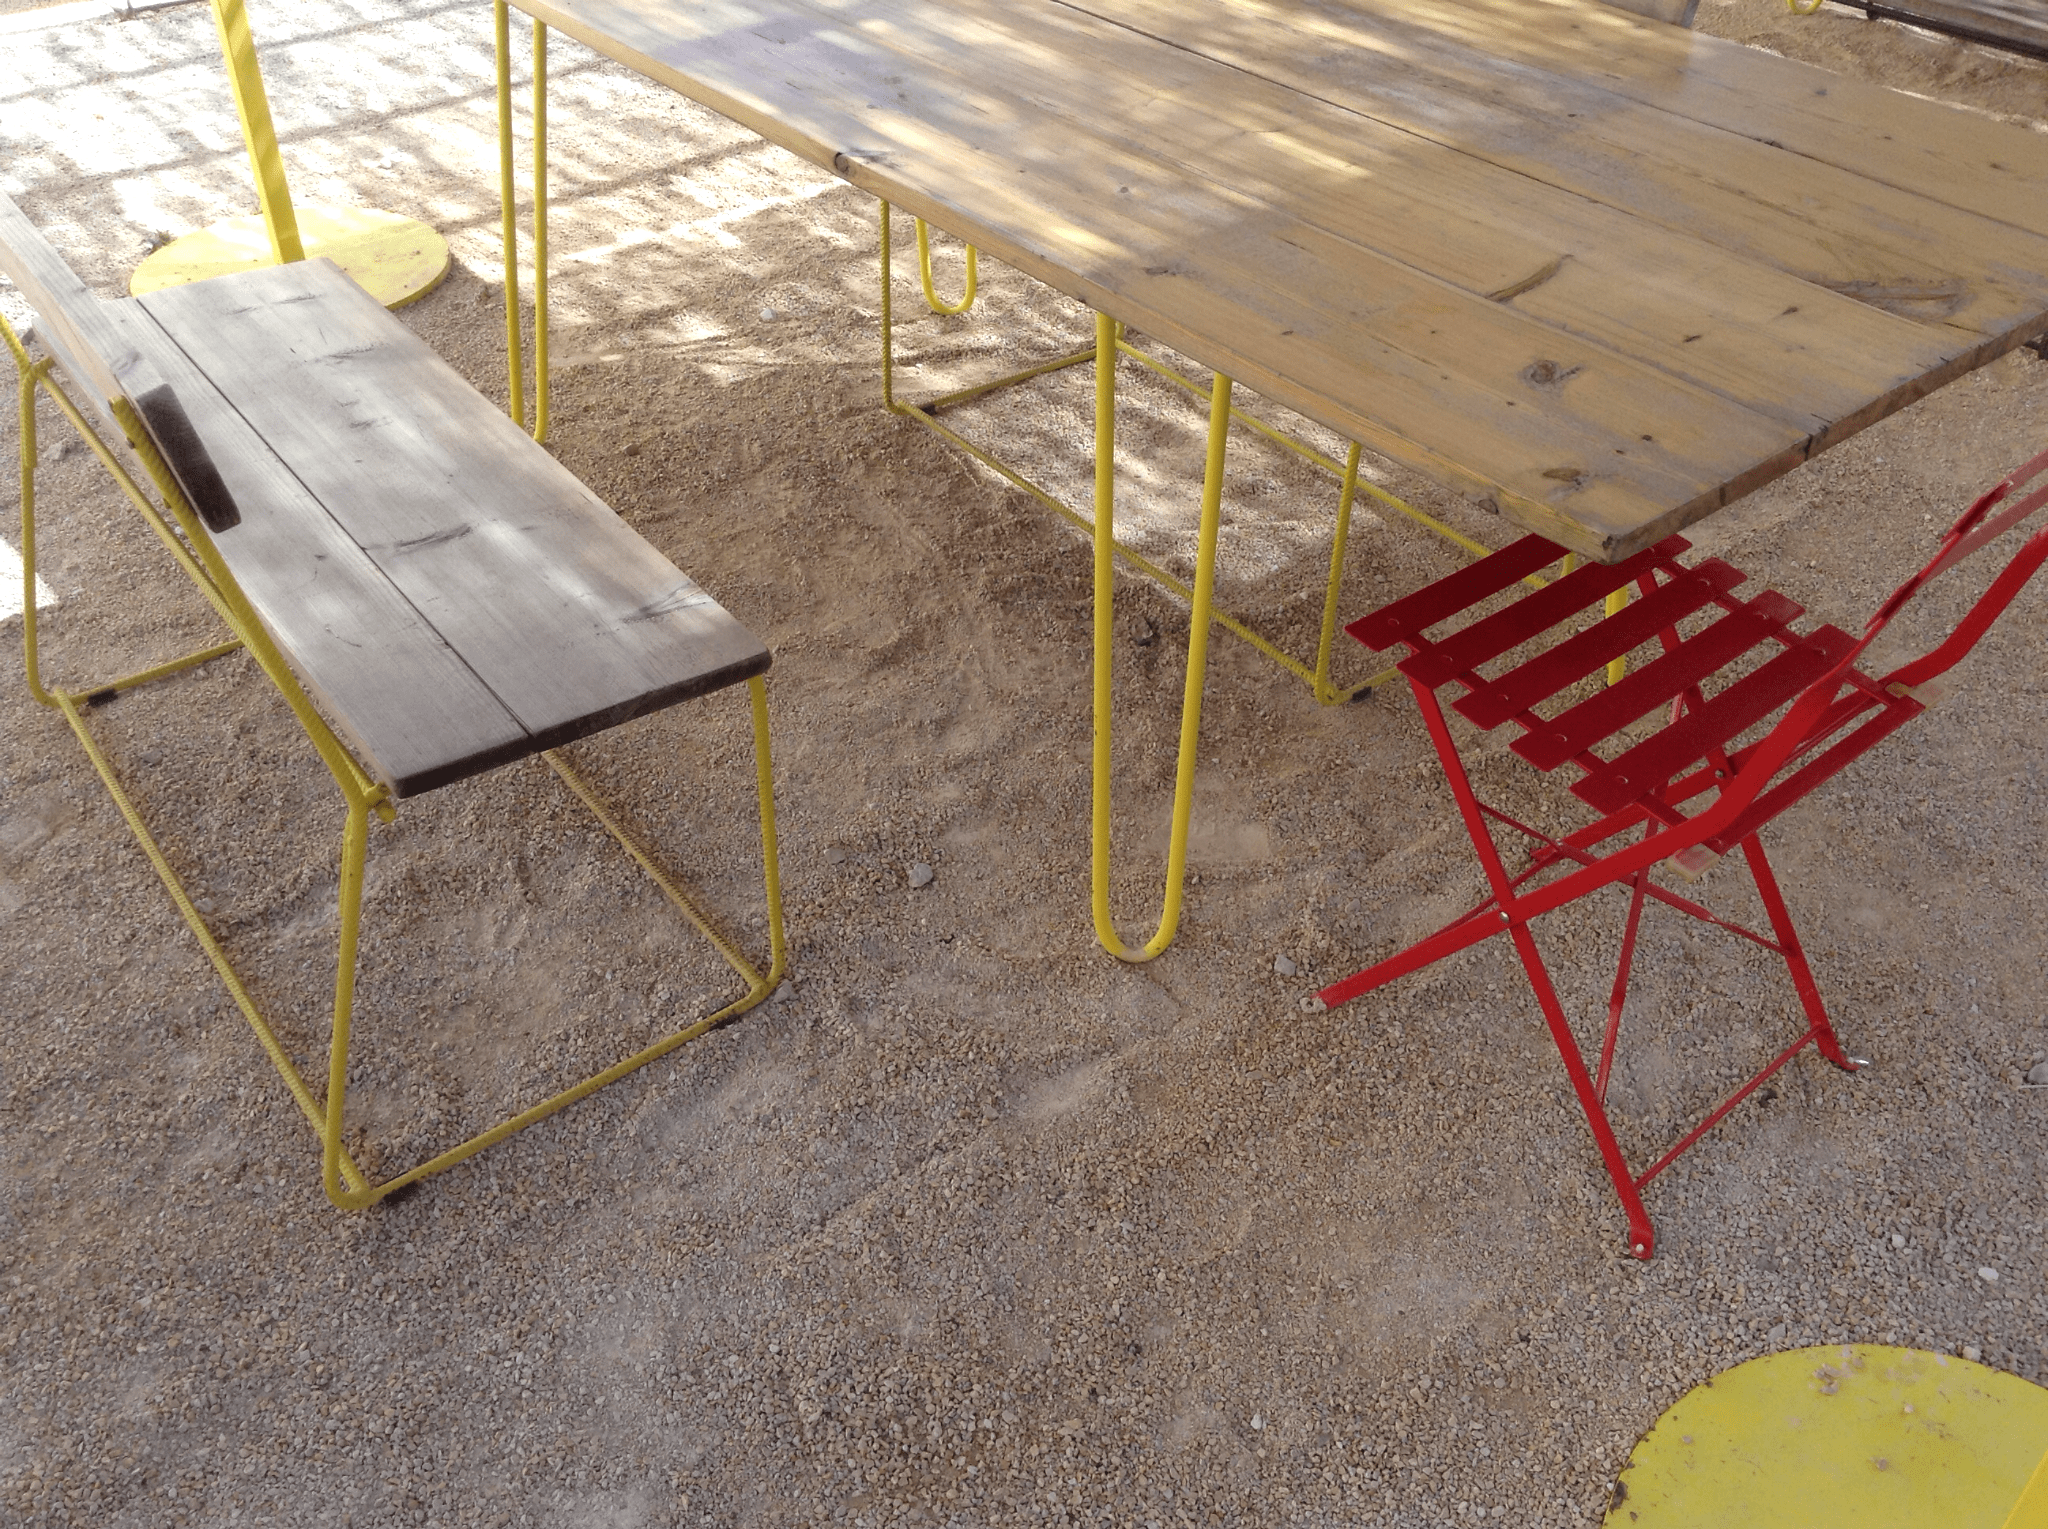 LUMA Arles Le Refectoire du Parc des Ateliers rebar chairs and